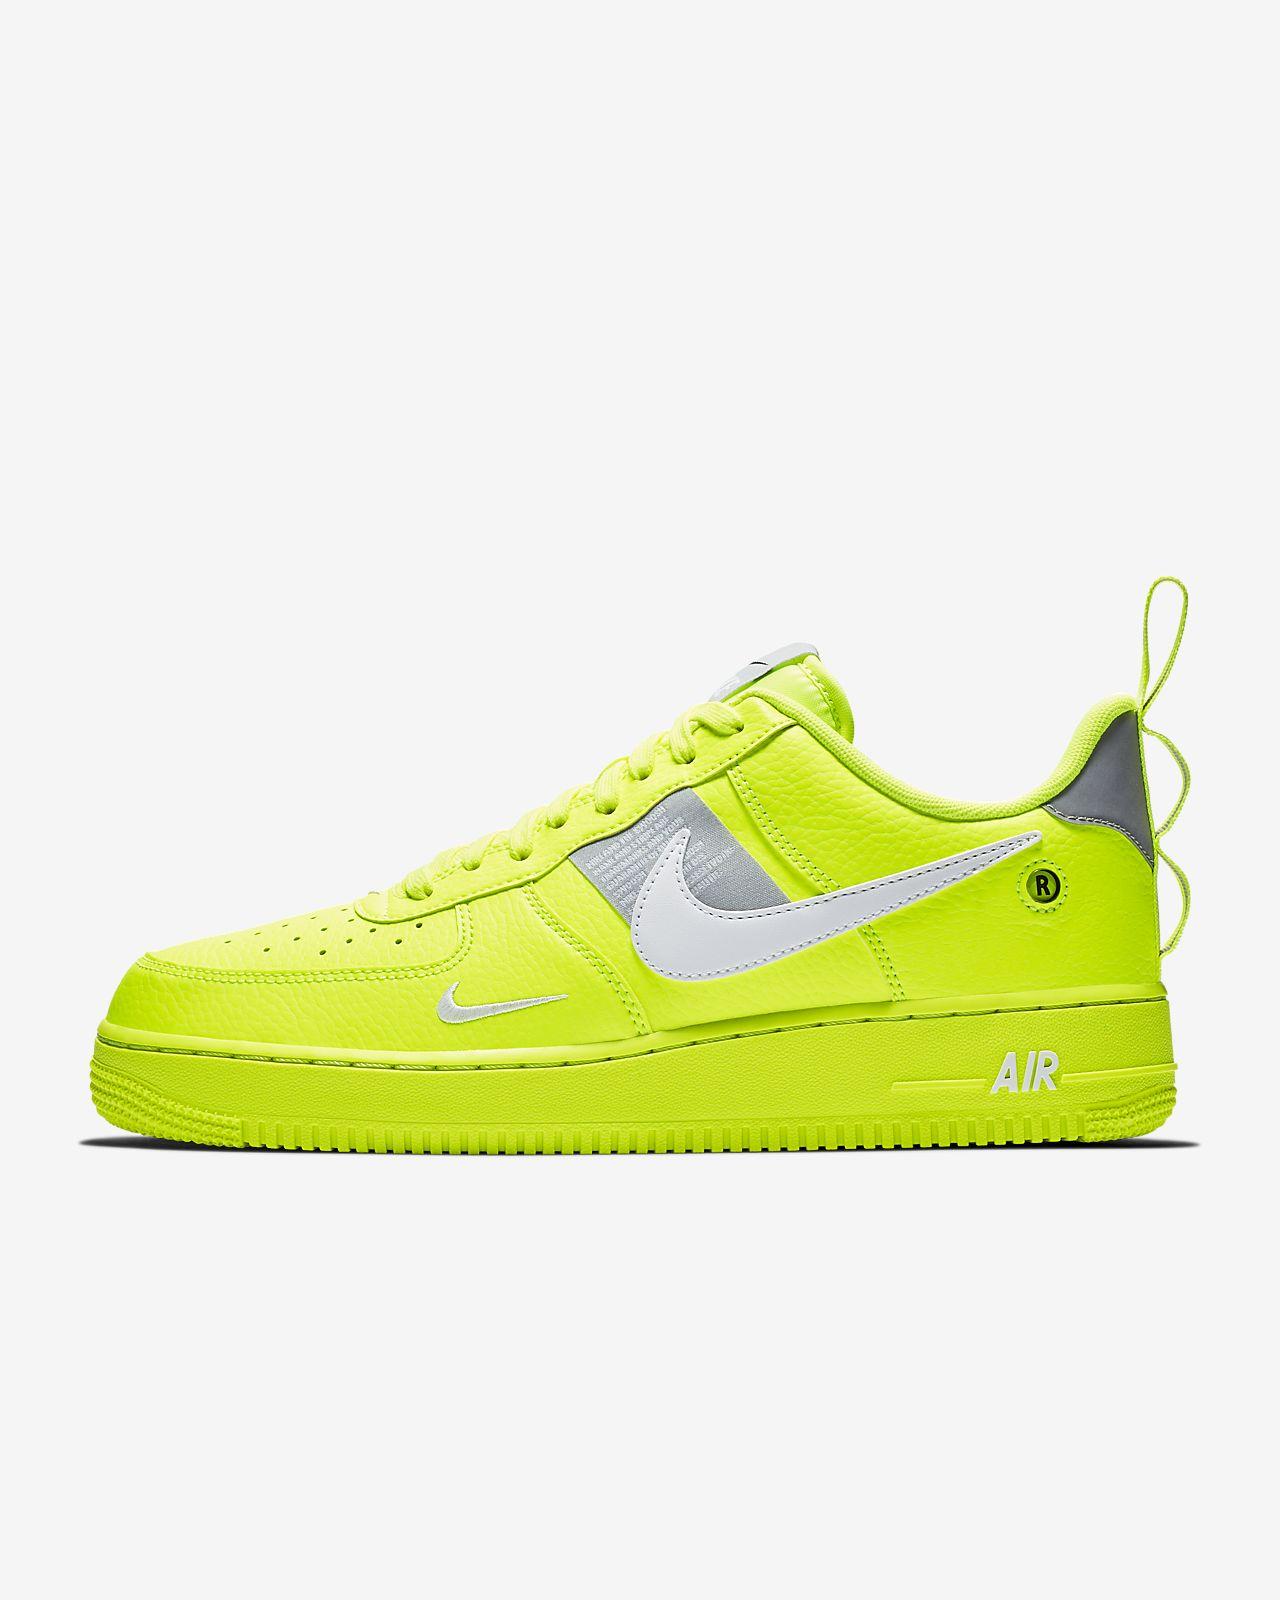 รองเท้าผู้ชาย Nike Air Force 1 '07 LV8 Utility